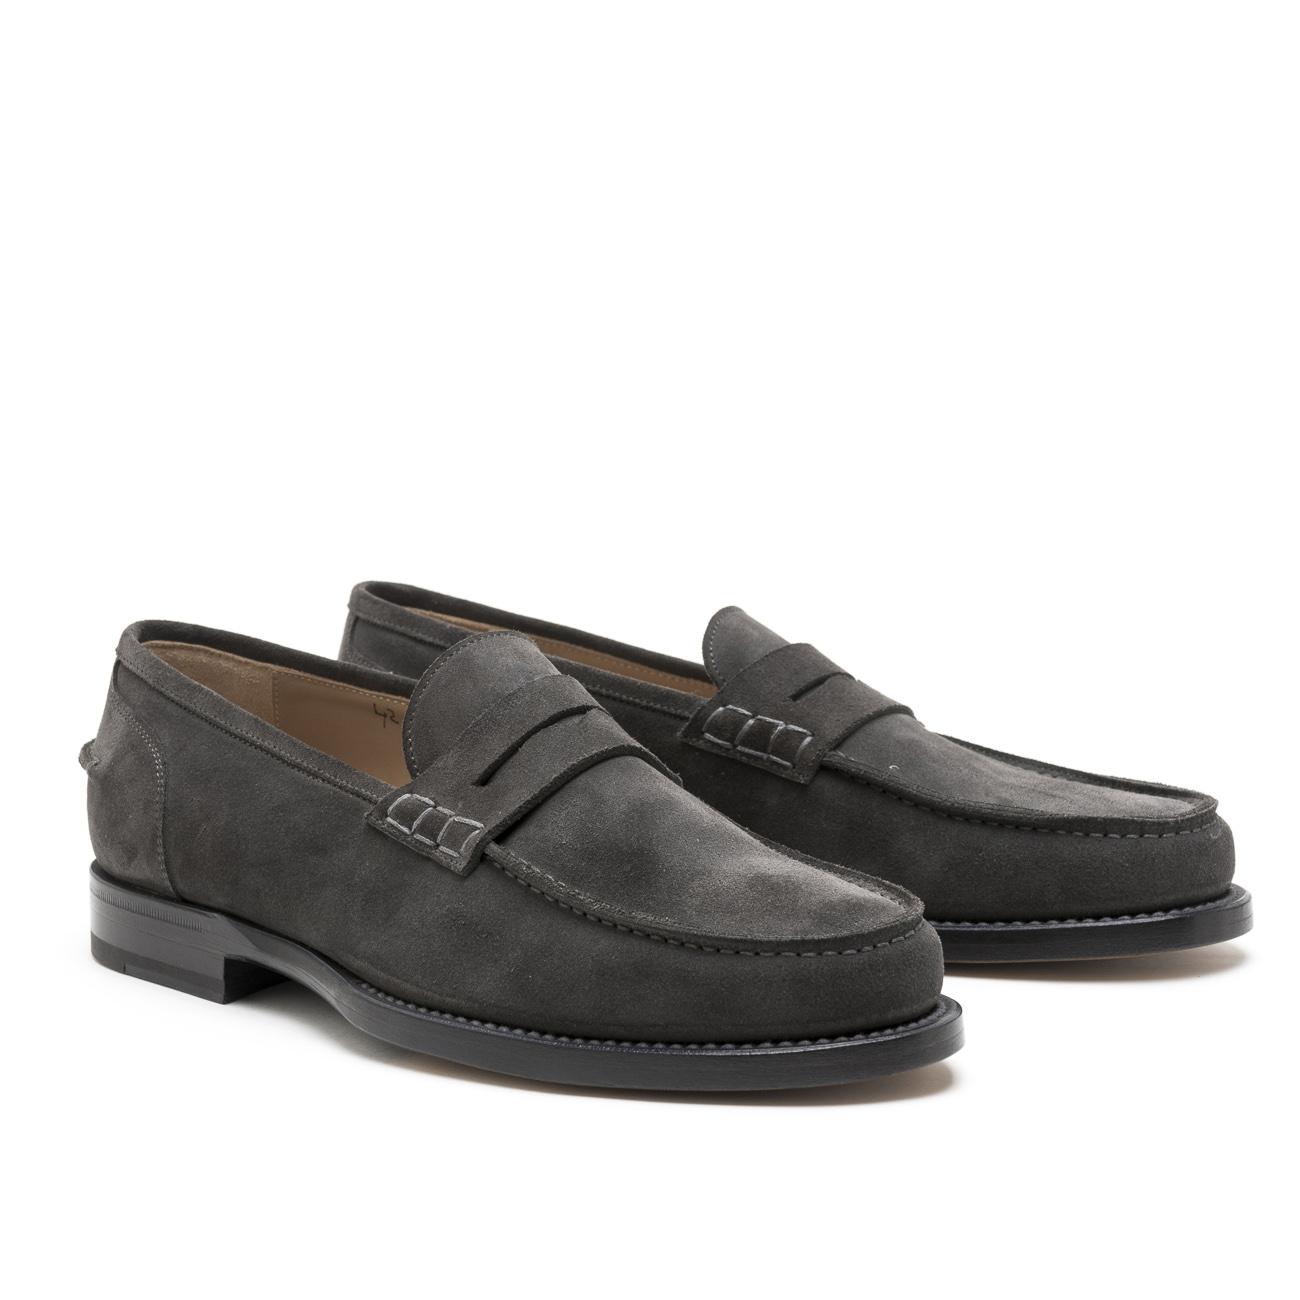 selezione premium vari design consegna gratuita Mocassino Stanford | Calzoleria Petrocchi, scarpe artigiananali a Roma